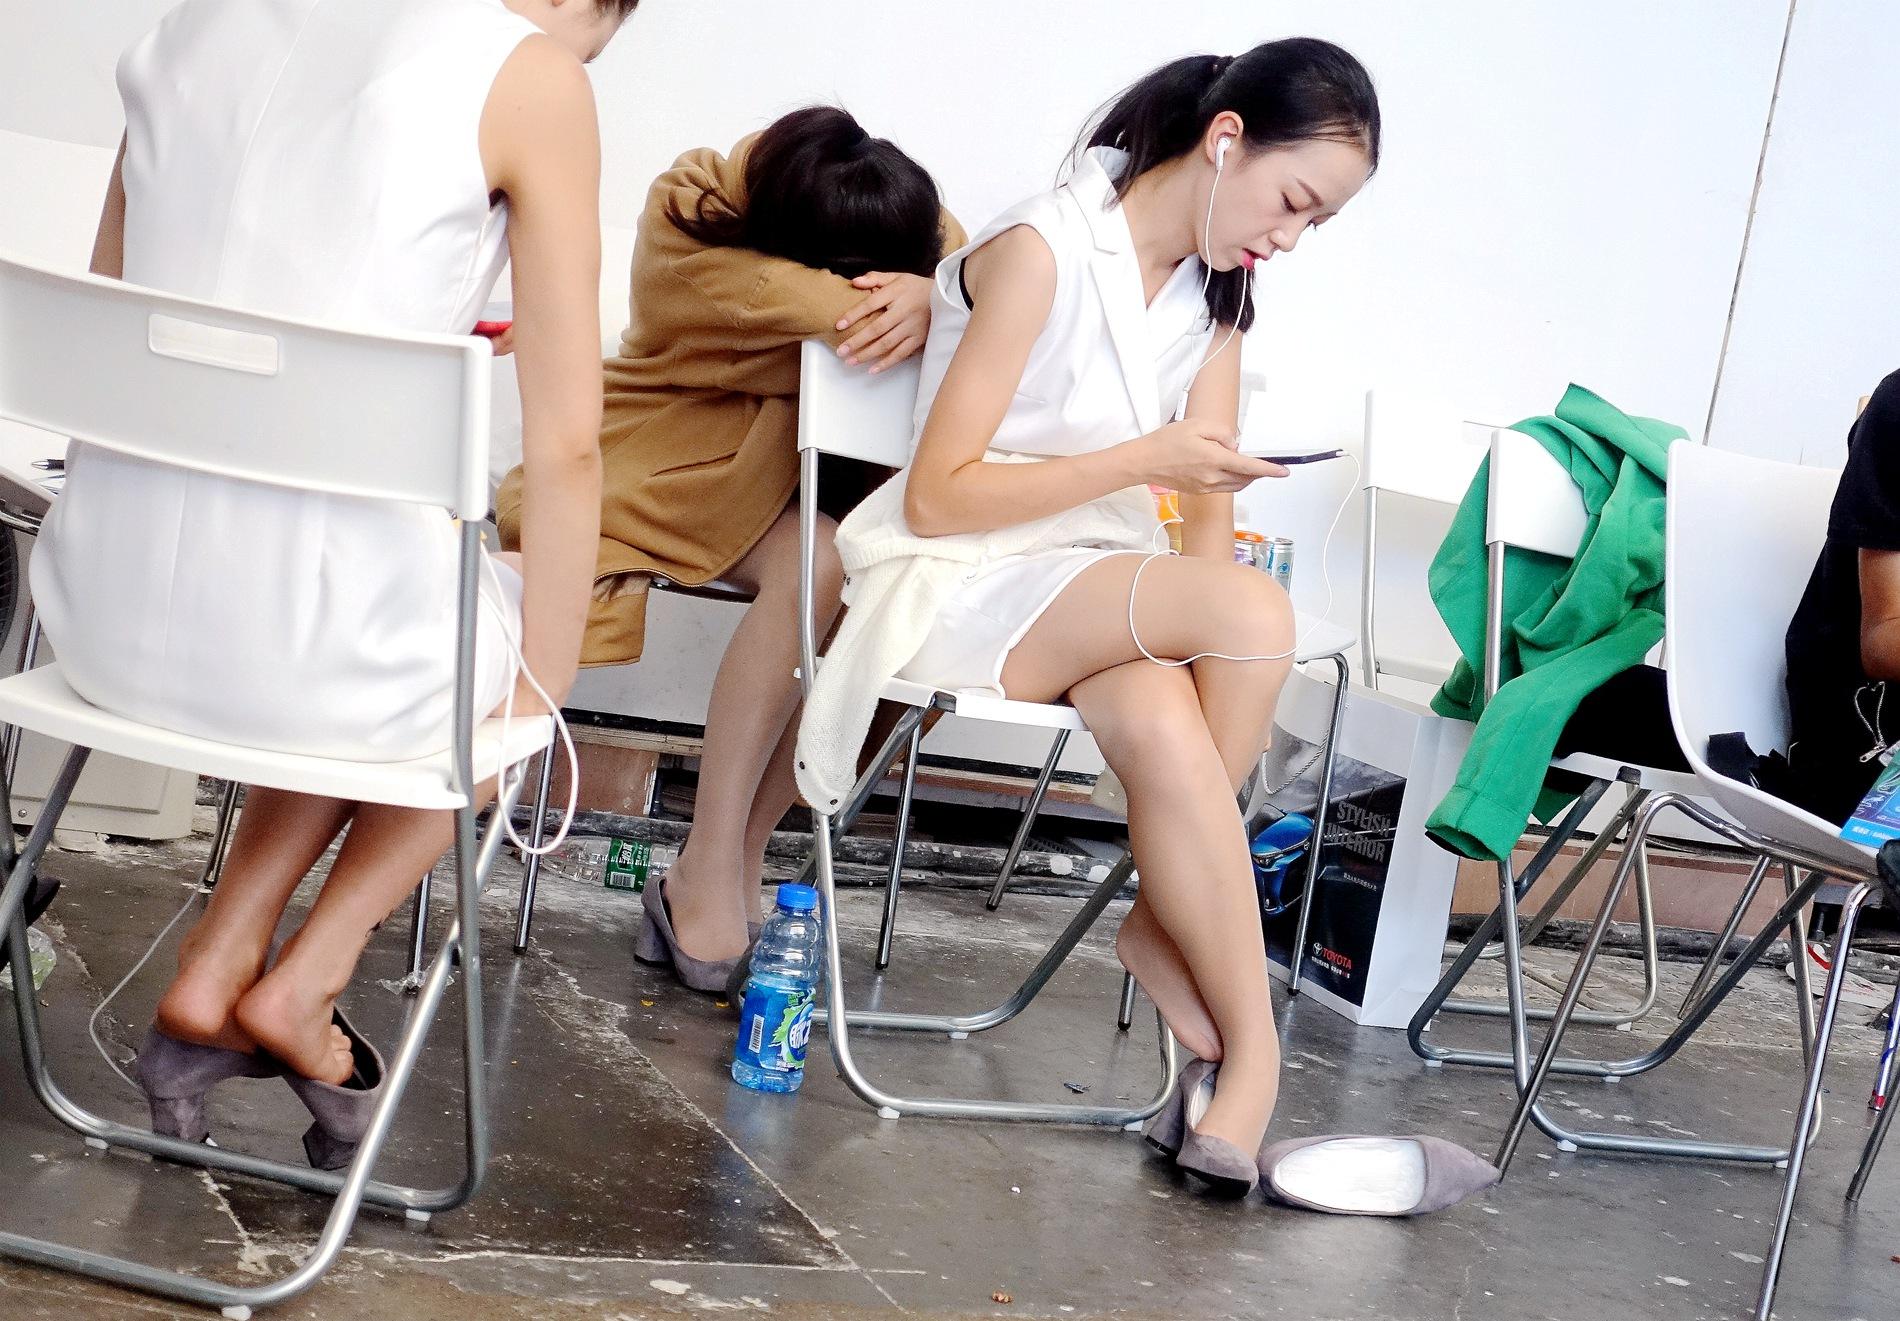 街拍丝袜,街拍丝袜美女,街拍美女 【jim2】白套裙肉 丝袜美女(12p) 最新街拍丝袜图片 街拍丝袜第一站